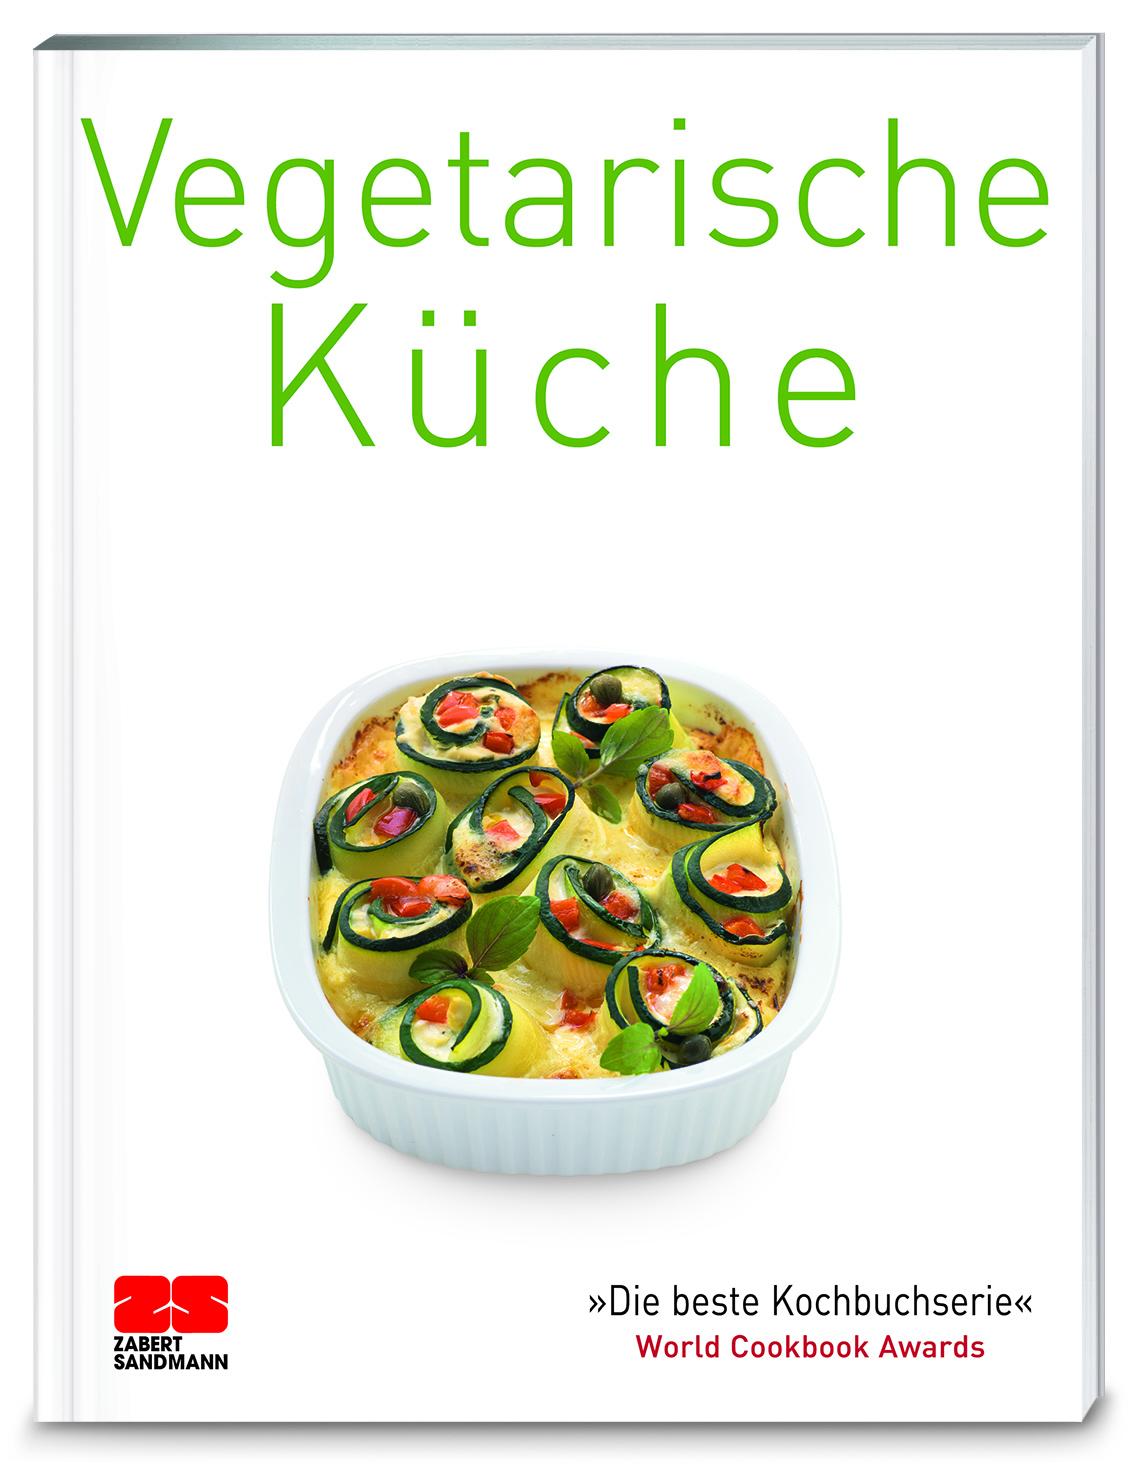 Das Cover wurde freundlicherweise vom ZS-Verlag zur Verfügung gestellt.